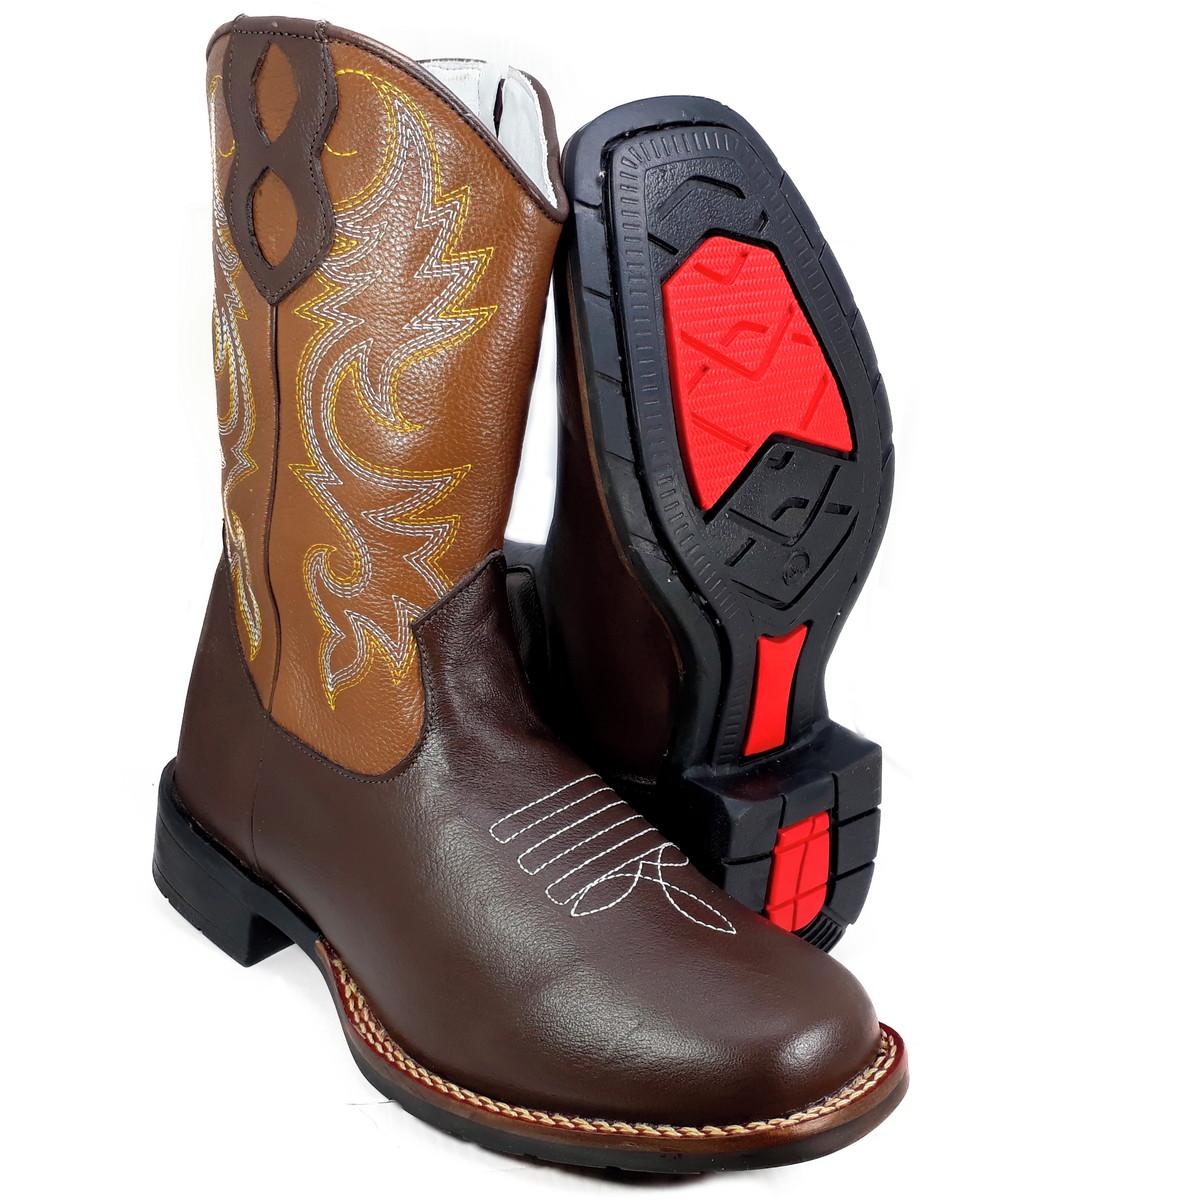 2b079416d7 Bota Country Masculina Feminina Bico Quadrado Texana K9000 no Elo7 ...